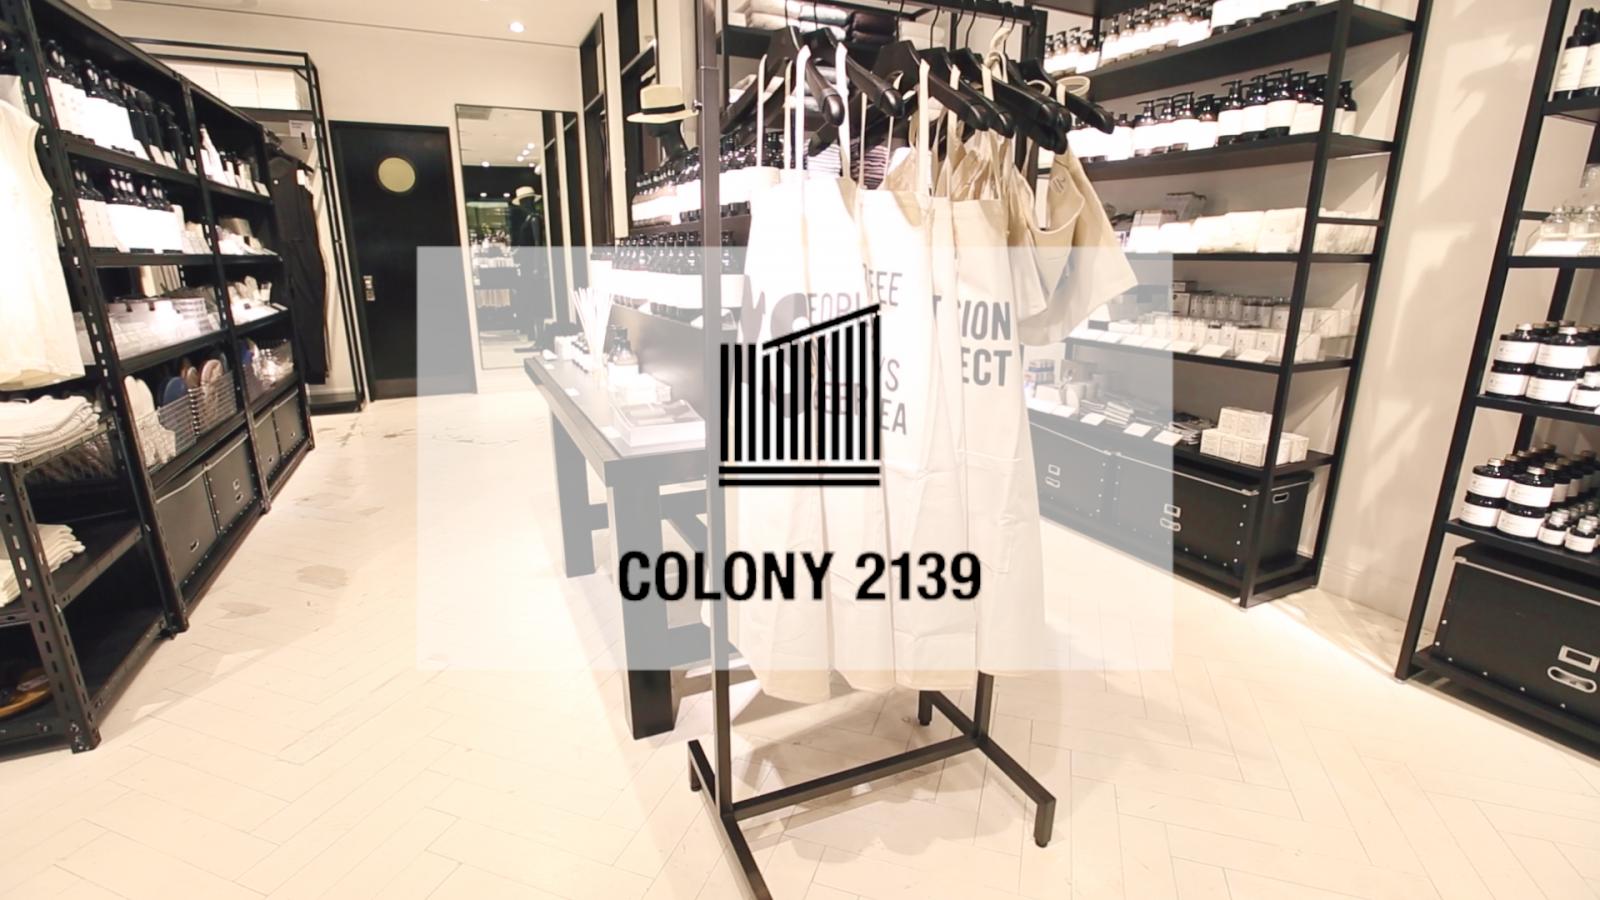 シンプルだけどハイセンス。COLONY 2139 でライフスタイルにデザインを。